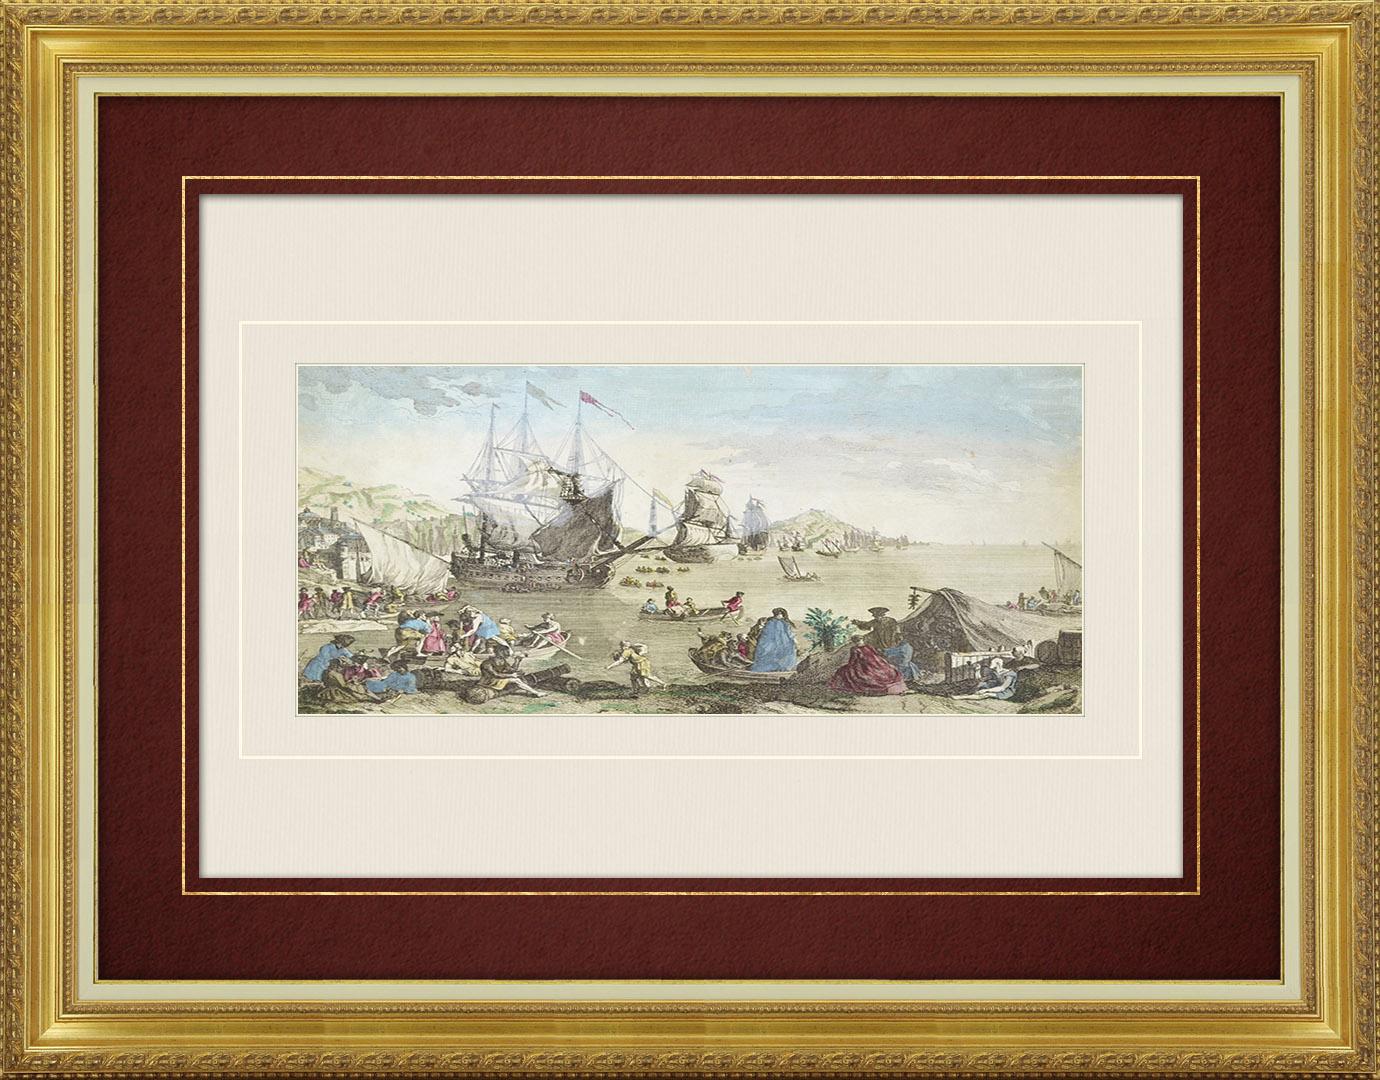 Vue d'optique du 18e siècle en coloris d'époque de la flotte partant du port de Cadix vers Vera Cruz (Espagne)